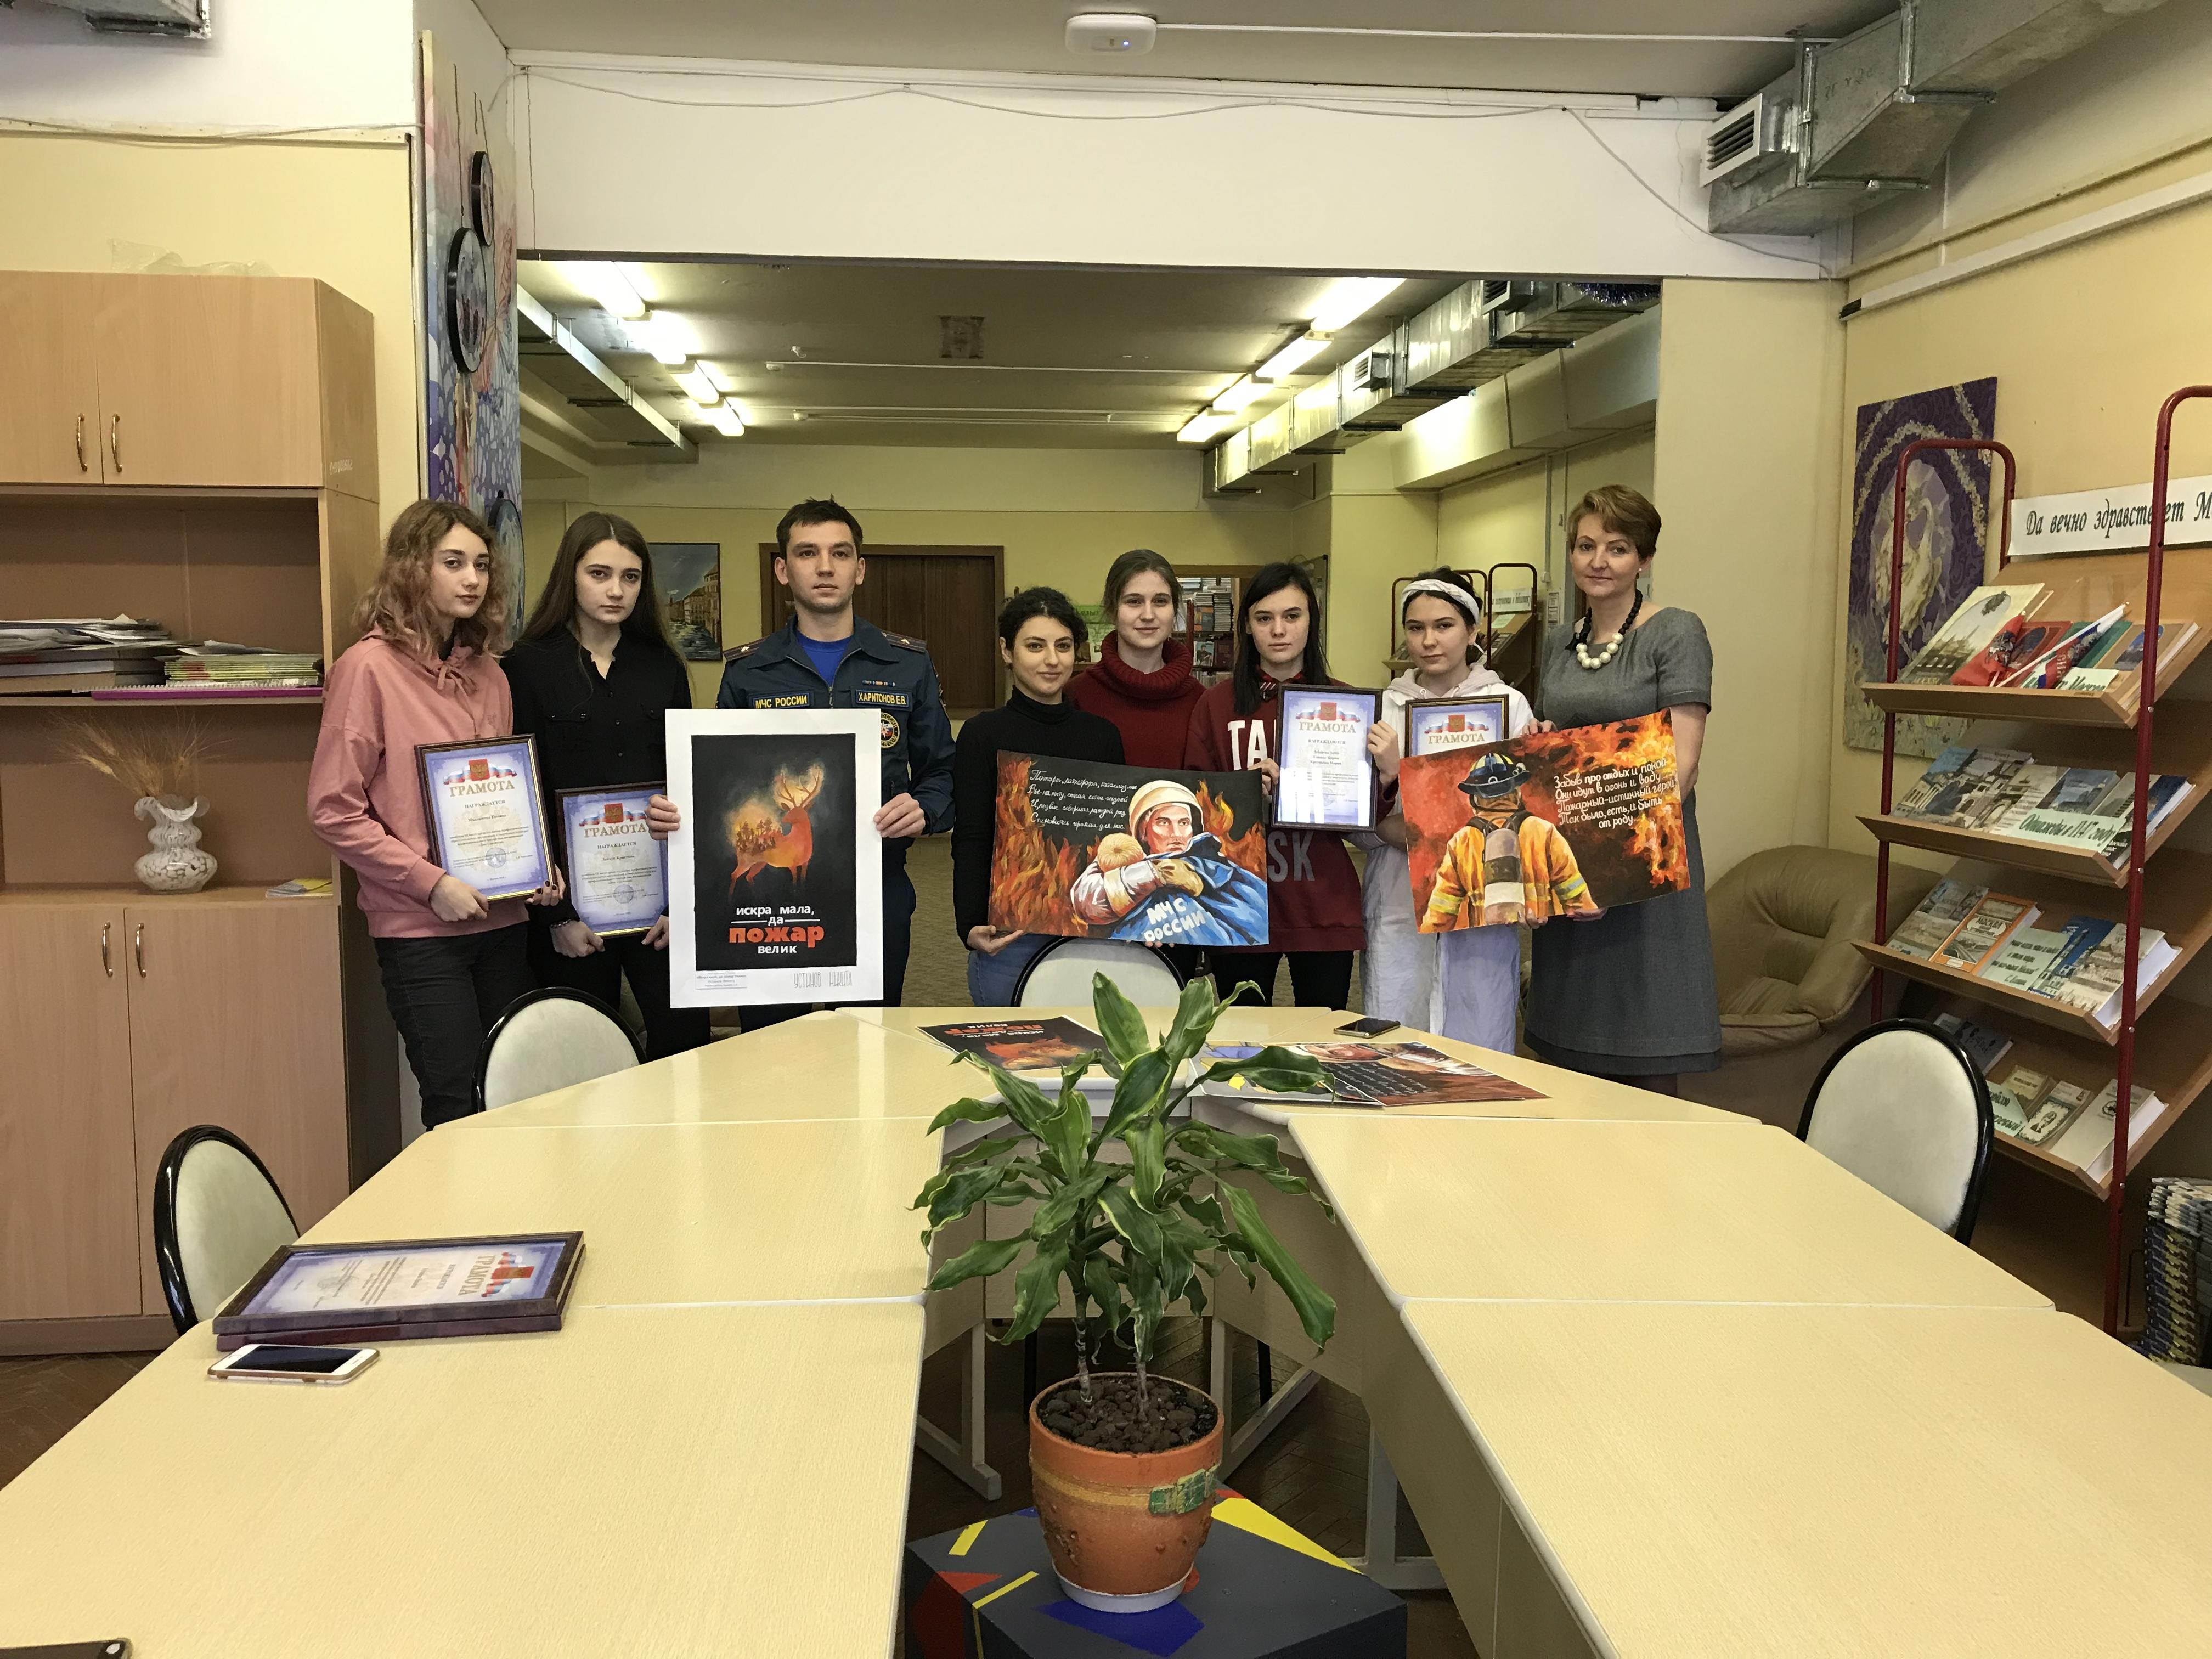 Конкурс творческих работ ко «Дню спасателя» провели в колледже декоративно-прикладного искусства имени Карла Фаберже.